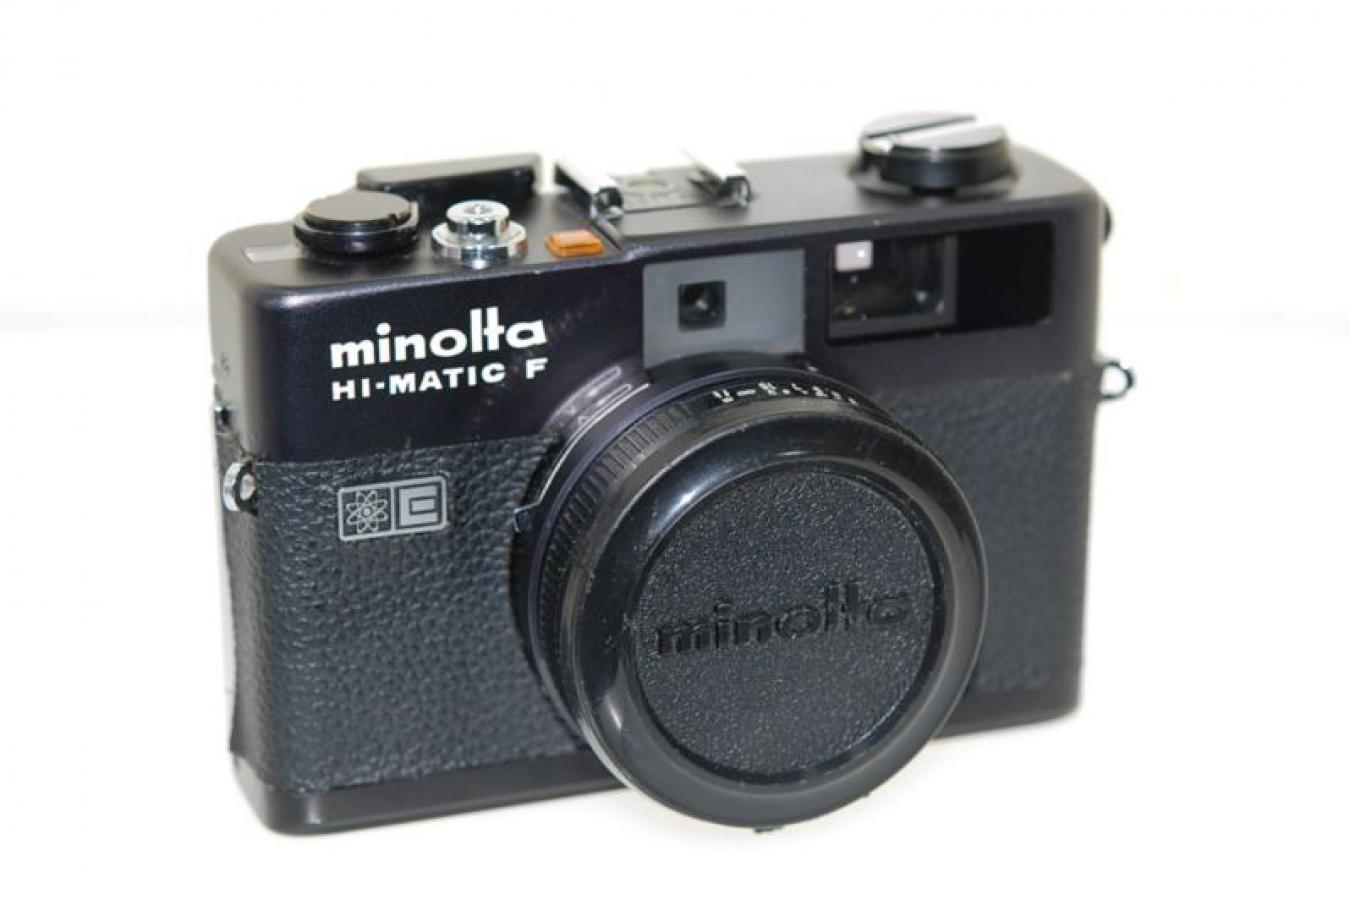 ミノルタ HI-MATIC F ブラック 【ROKKOR 38/2.7レンズ搭載】